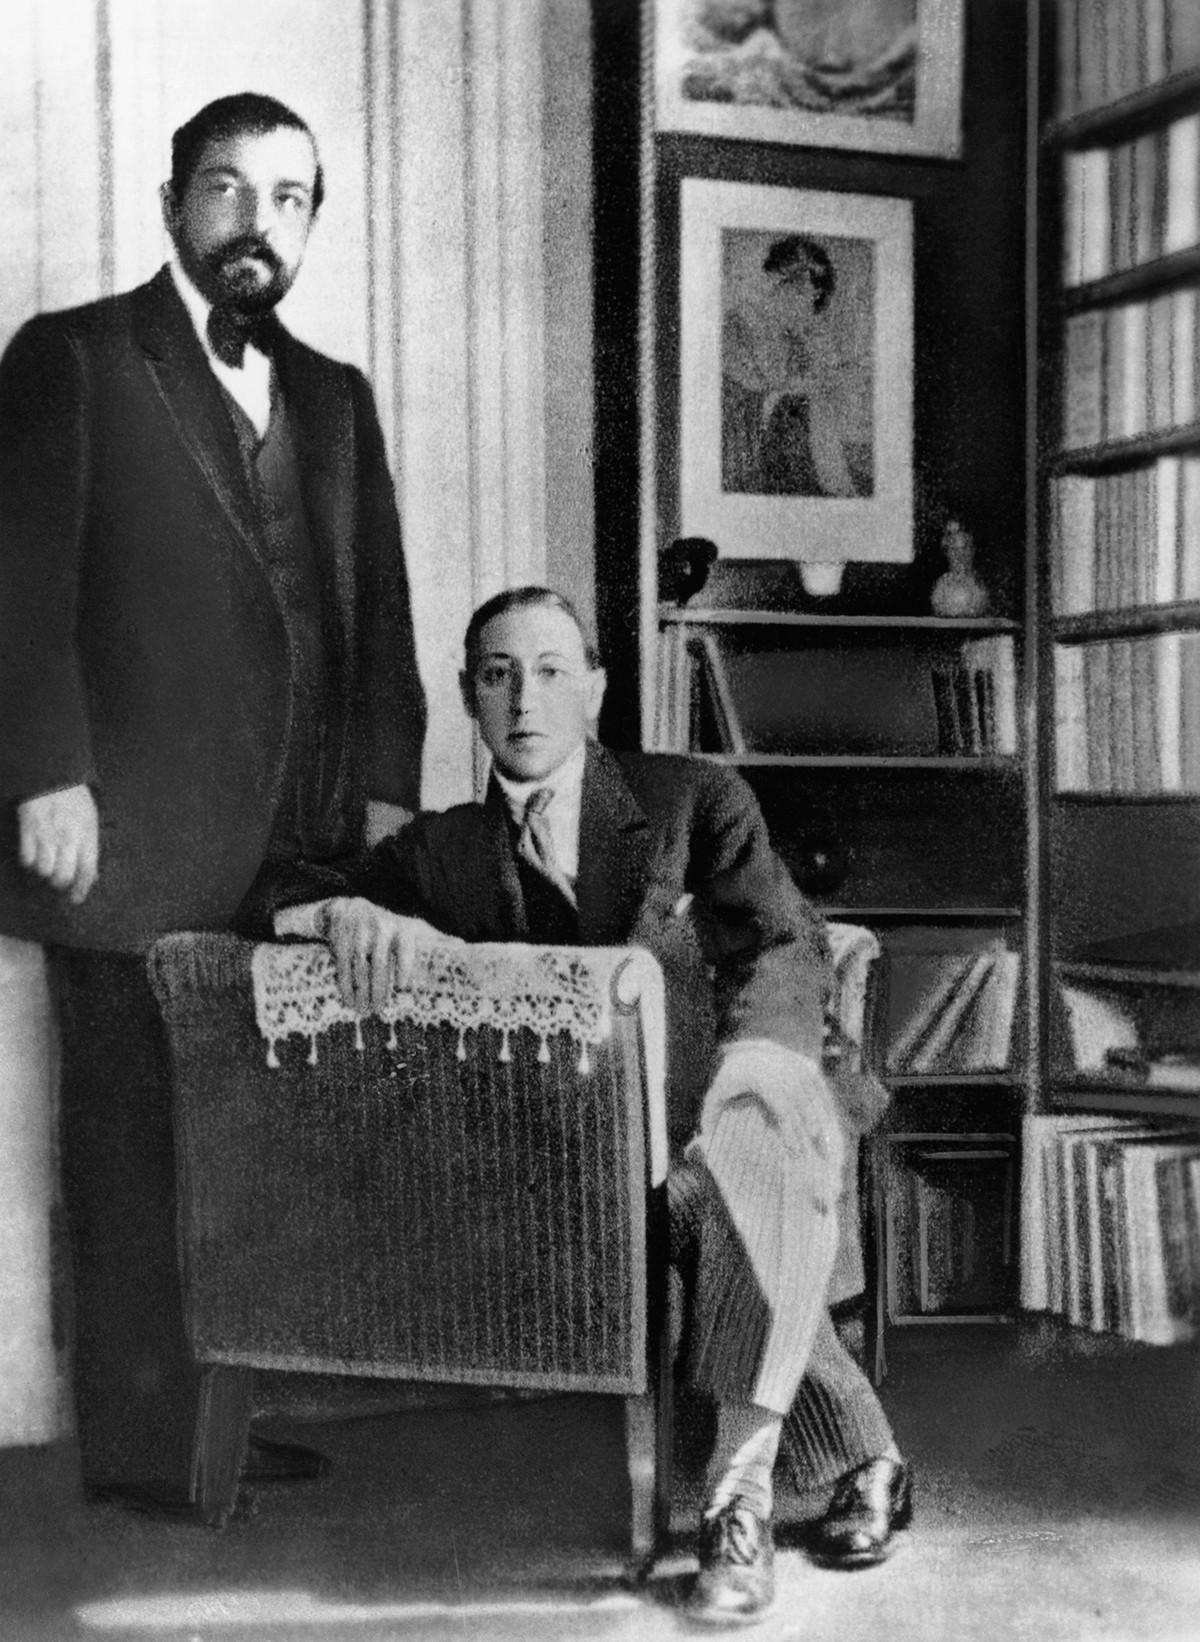 クロード・ドビュッシーとイーゴリ・ストラヴィンスキー